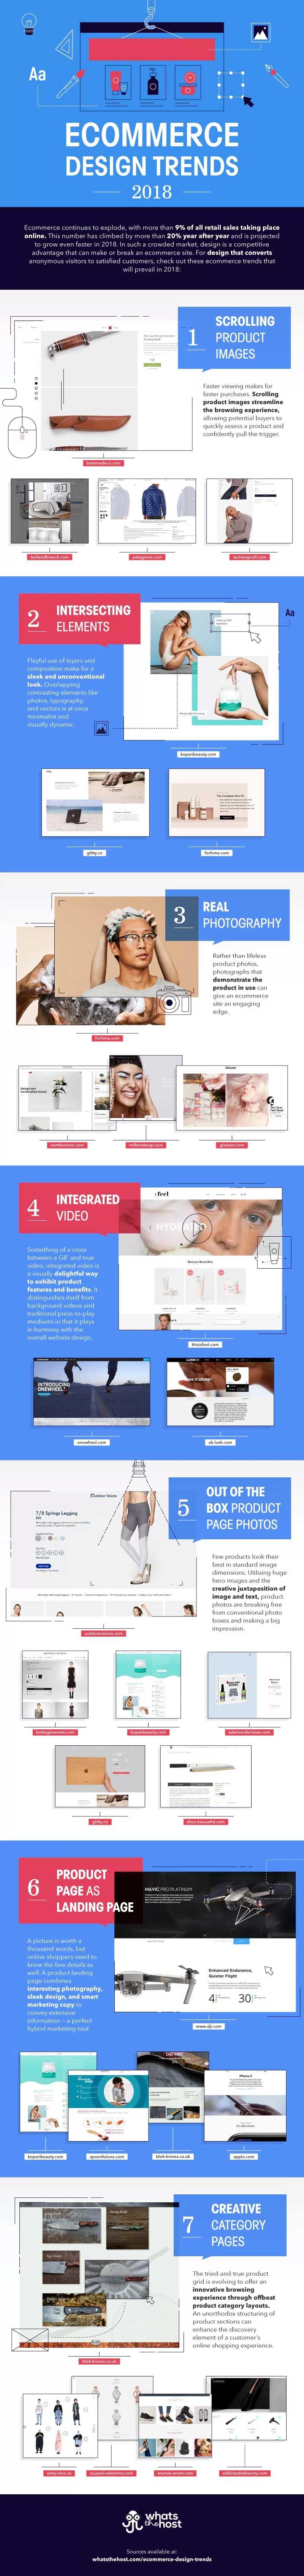 Tendencias de diseño en eCommerce 2018